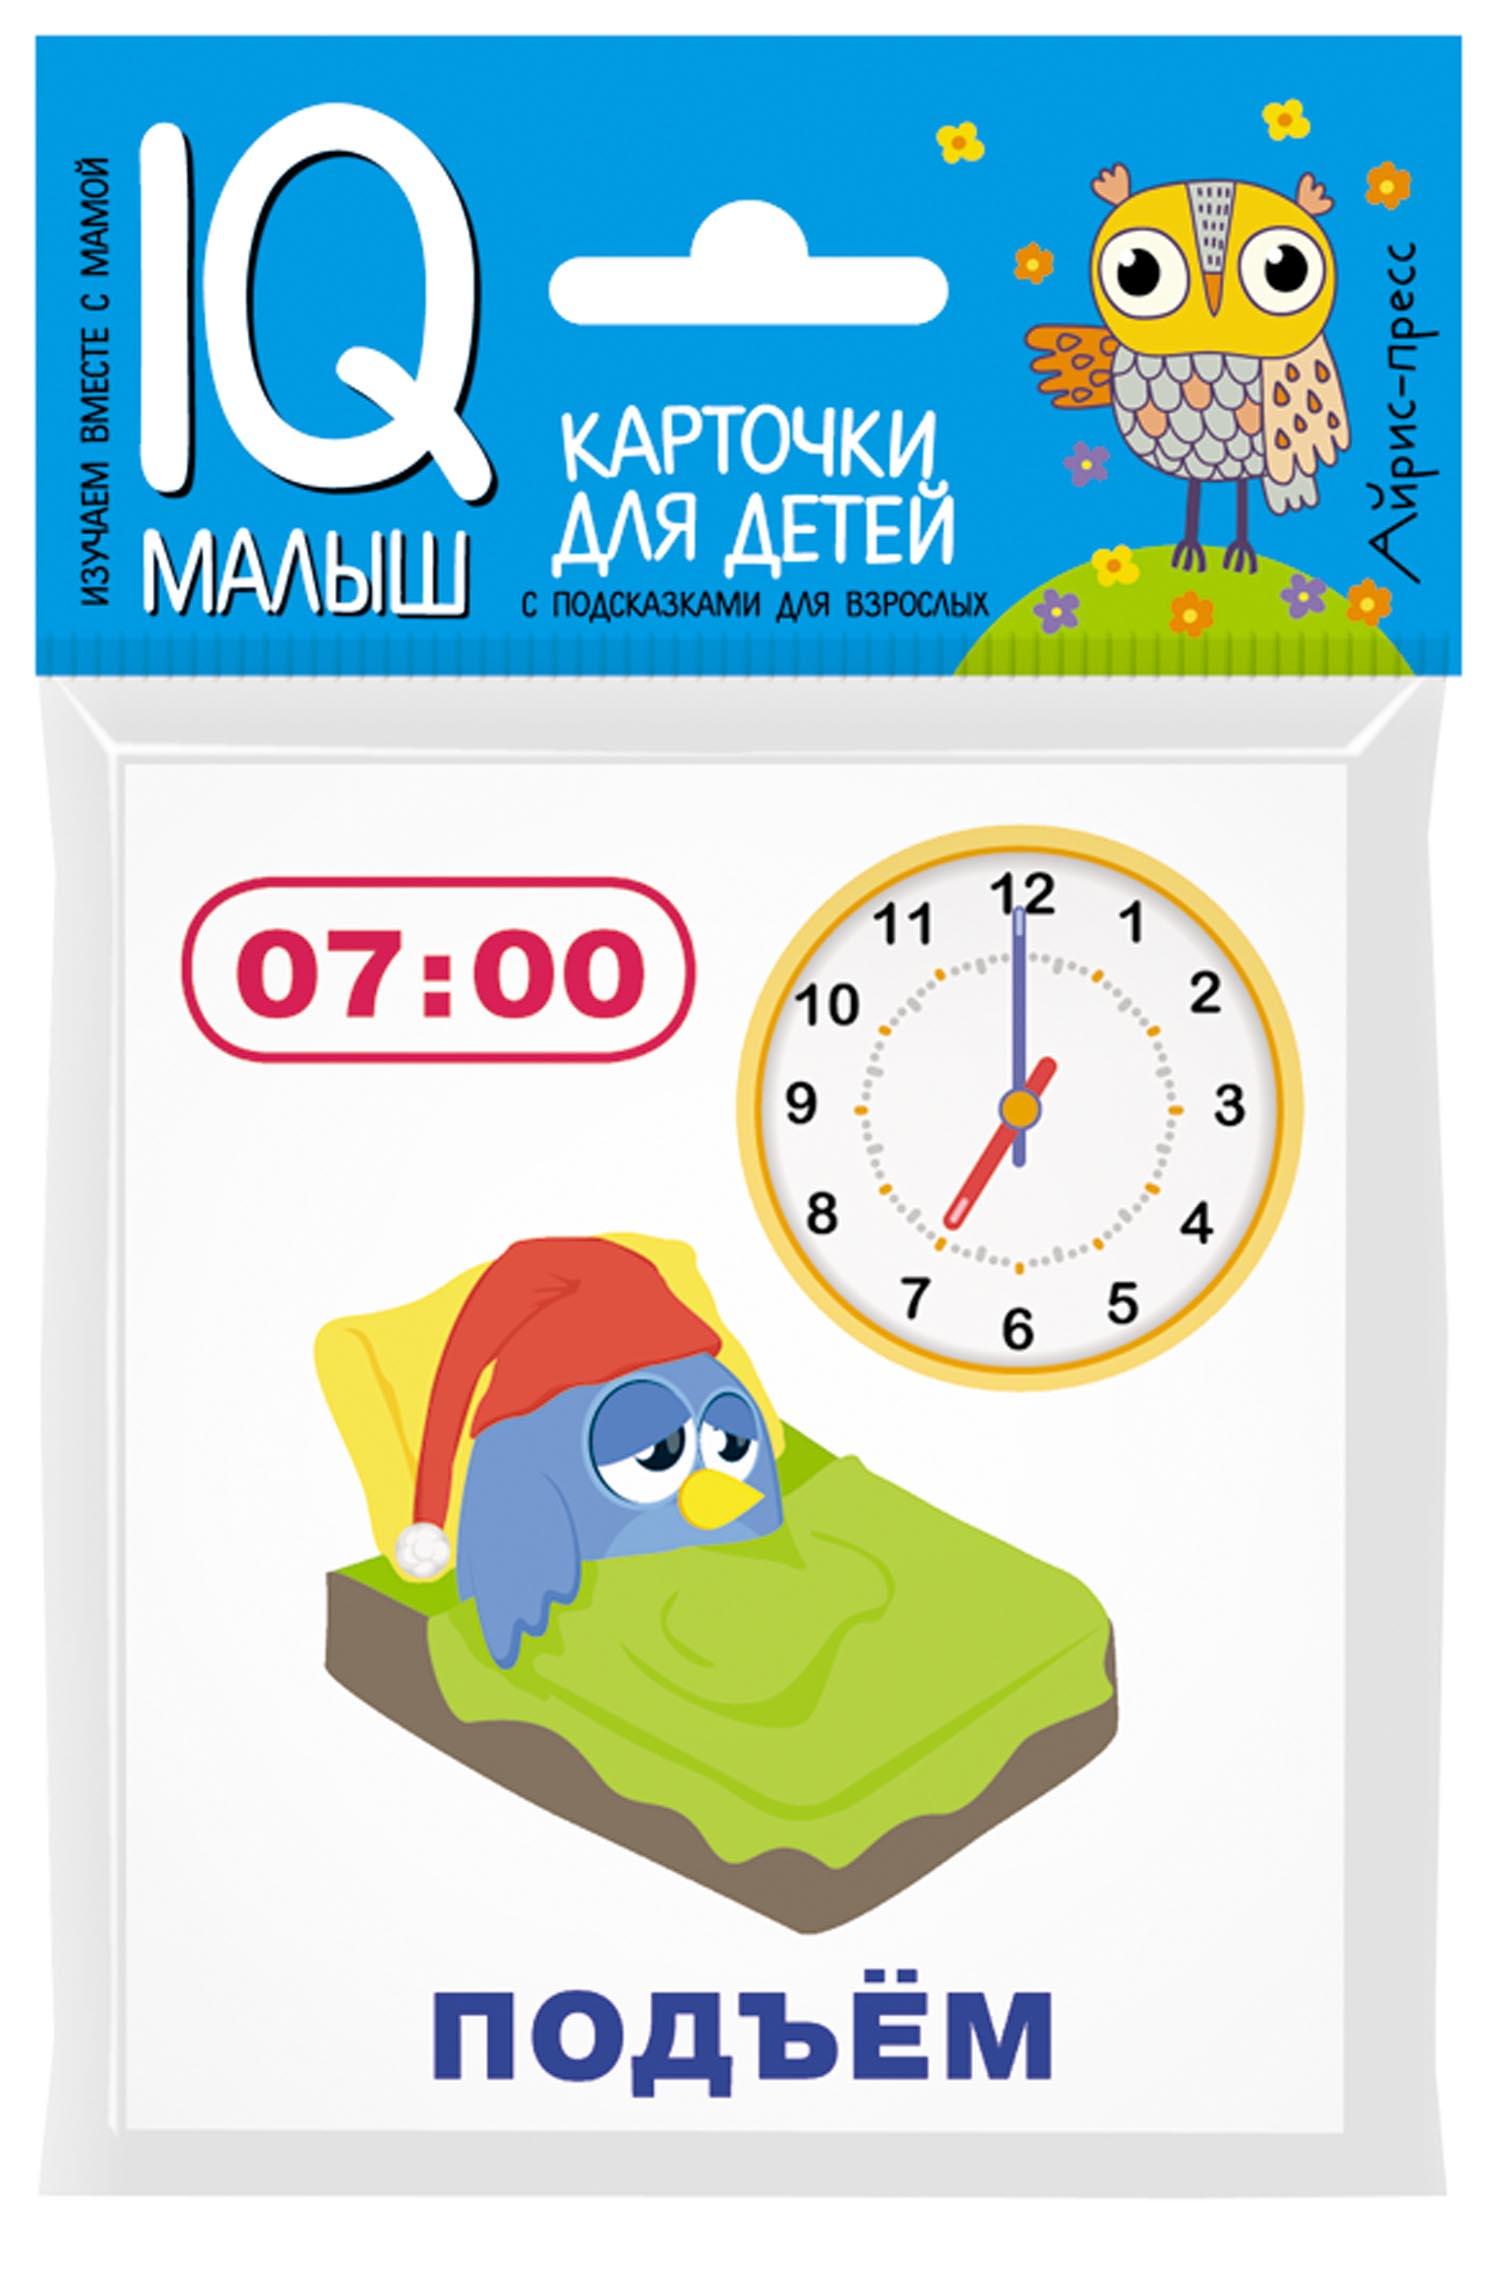 Умный малыш. Время: Карточки для детей с подсказками для взрослых